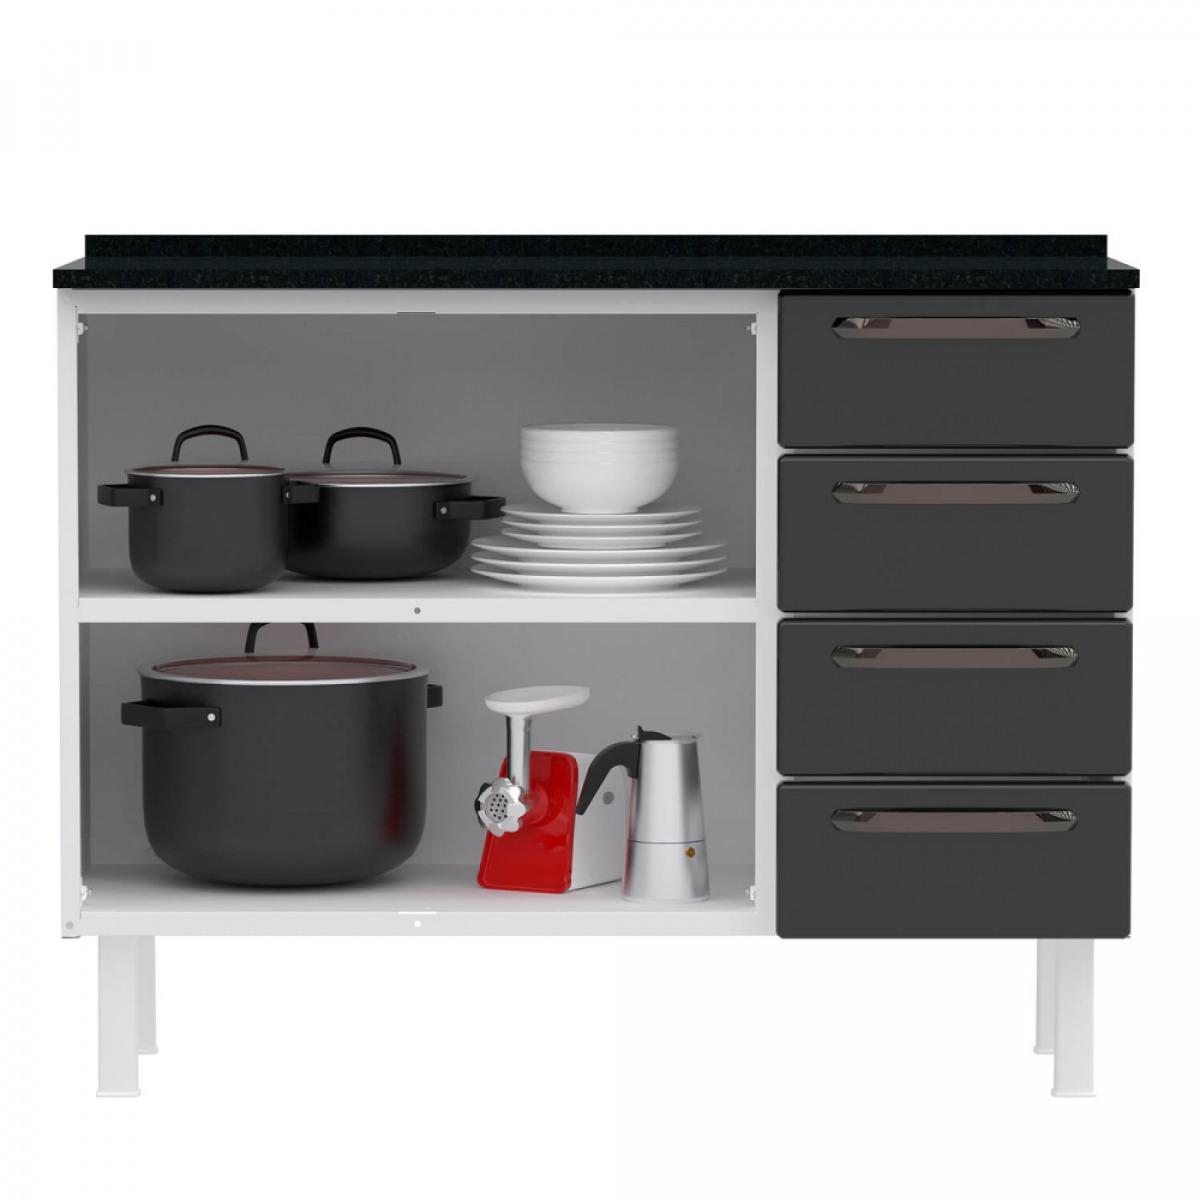 Balcão de Cozinha Colormaq Titanium 105cm 2 Portas, 4 Gavetas em Aço